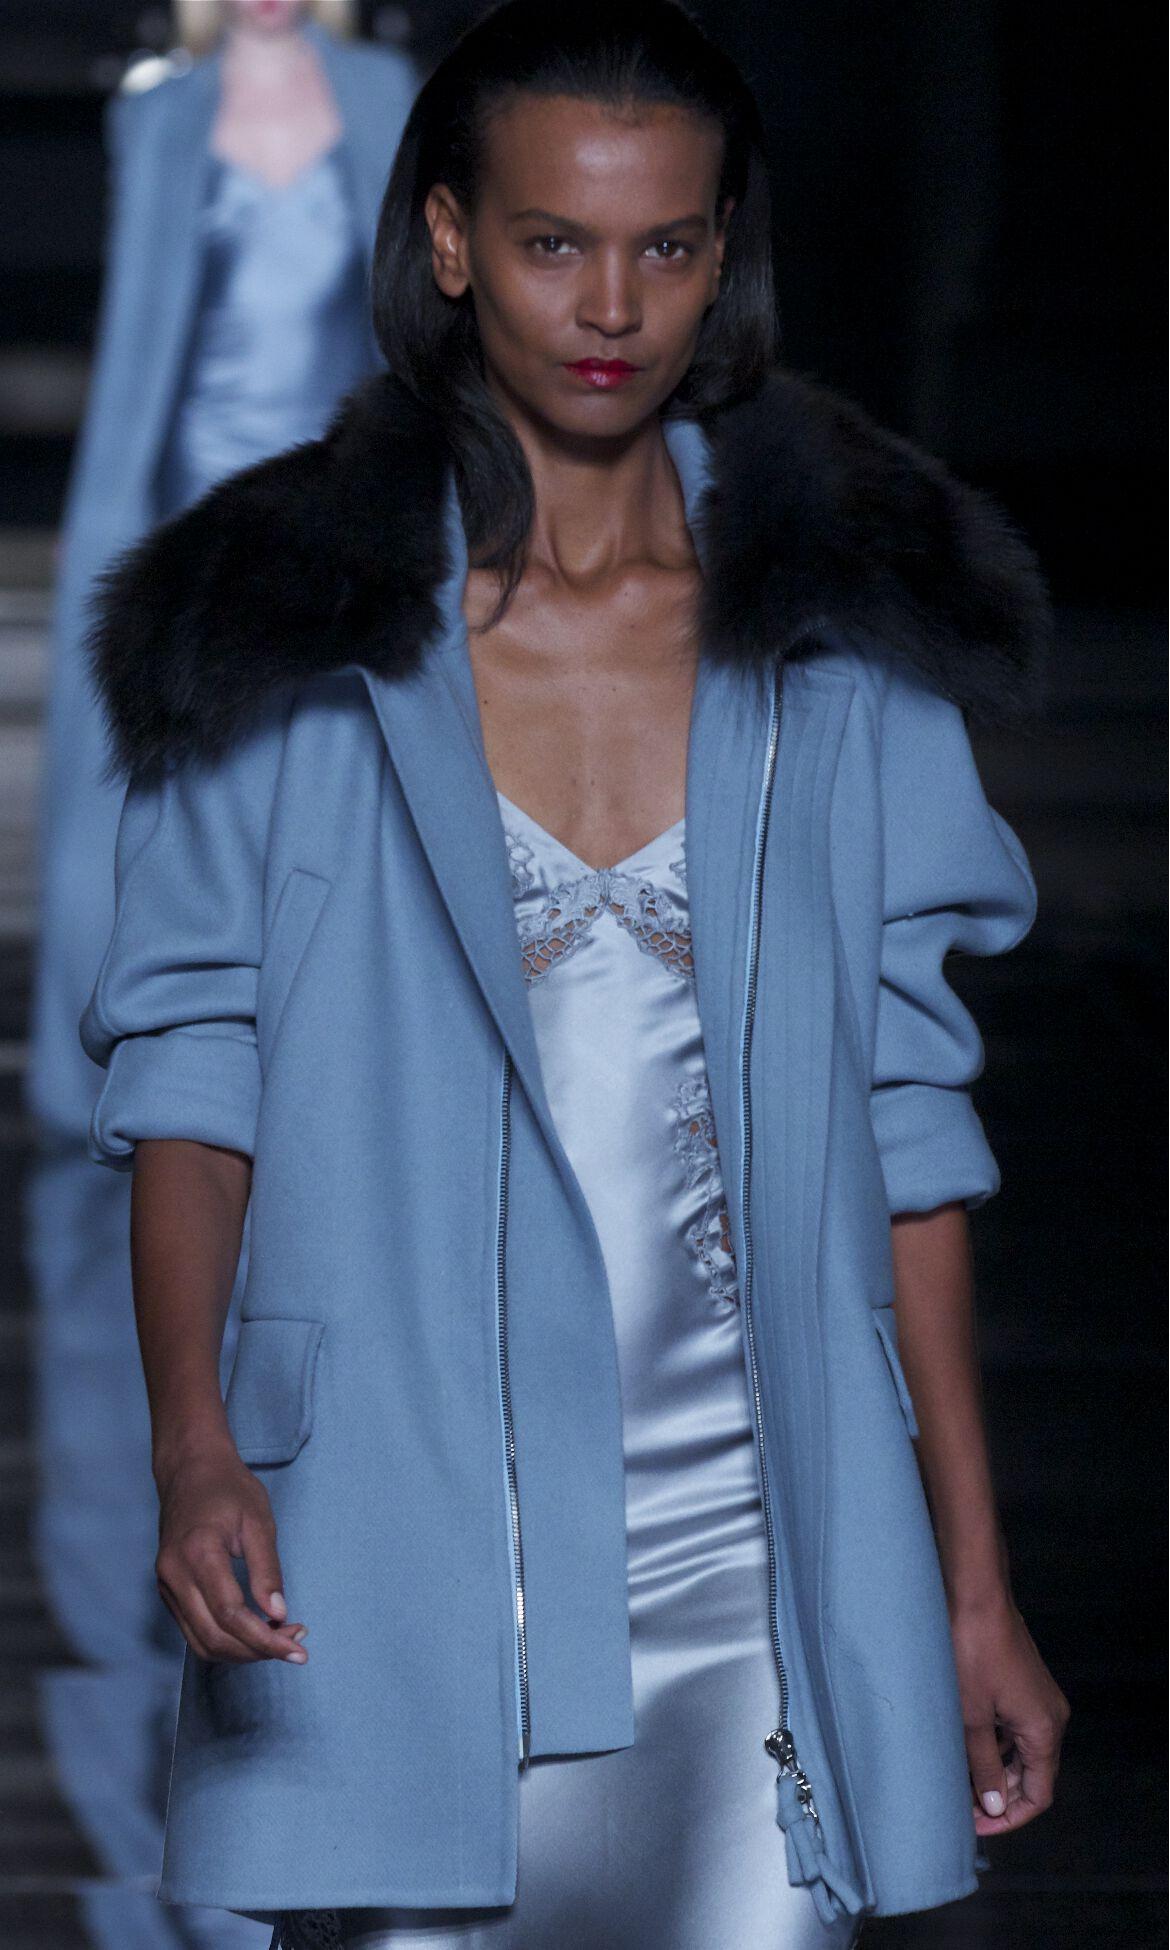 Ermanno Scervino Fashion Show Model